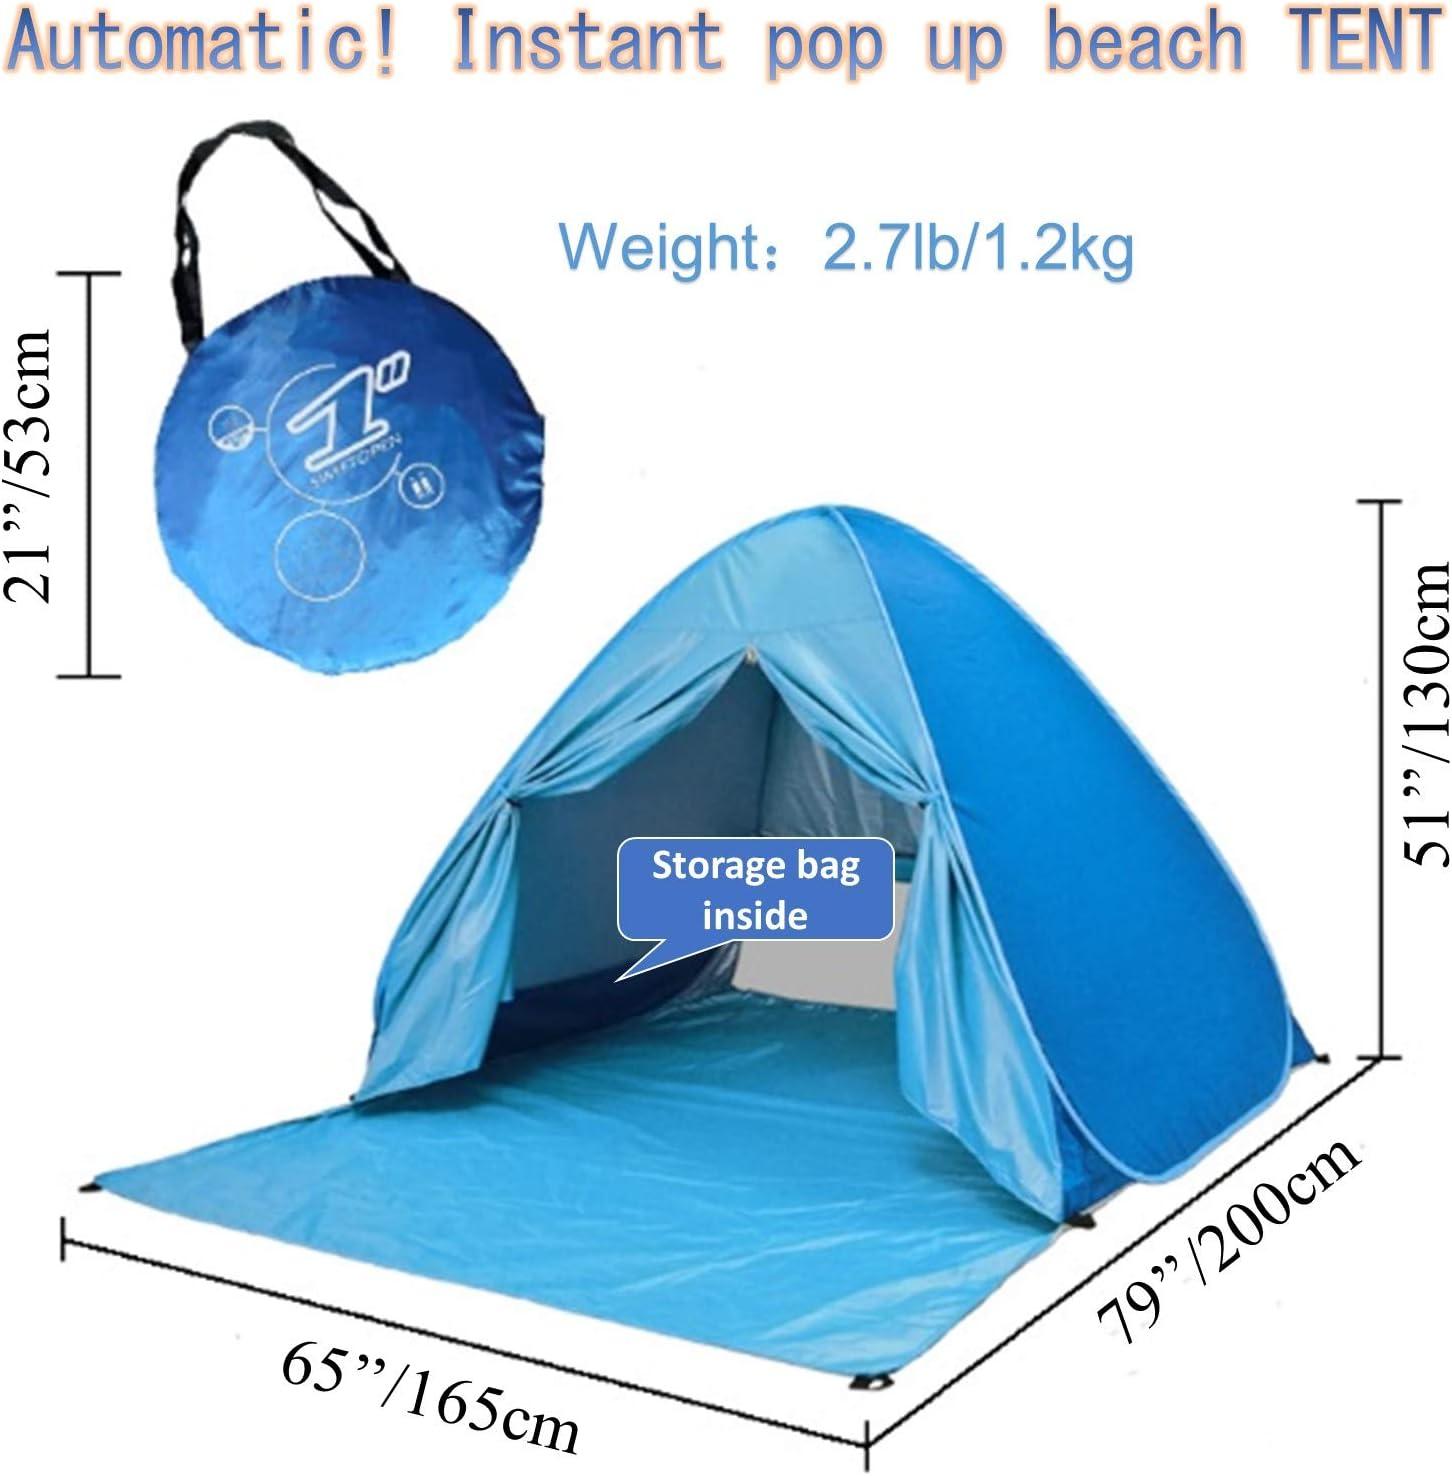 2~4 Personas Voniry port/átil autom/ática Surge la Tienda de Playa Bien ventilada al Aire Libre contra los Rayos UV Sun del Refugio con la Cremallera de la Puerta Azul